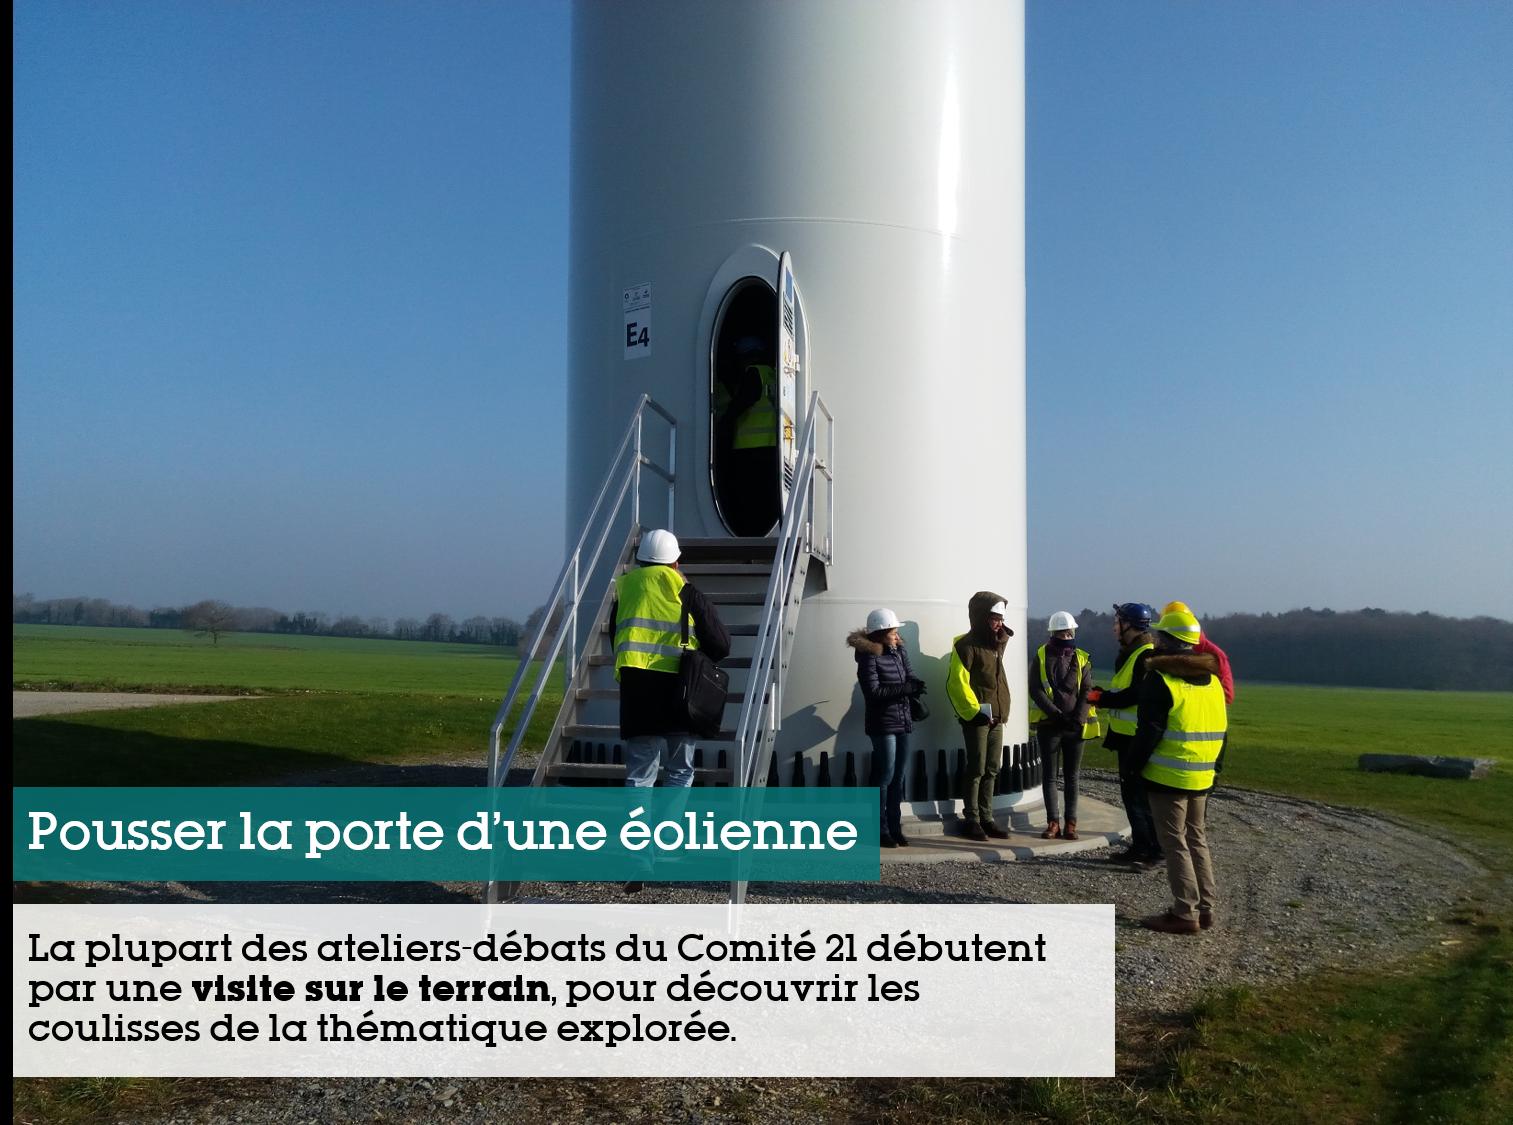 Pousser la porte d'une éolienne - La plupart des ateliers-débats du Comité 21 débutent par une visite, sur le terrain, pour découvrir les coulisses de la thématique explorée.